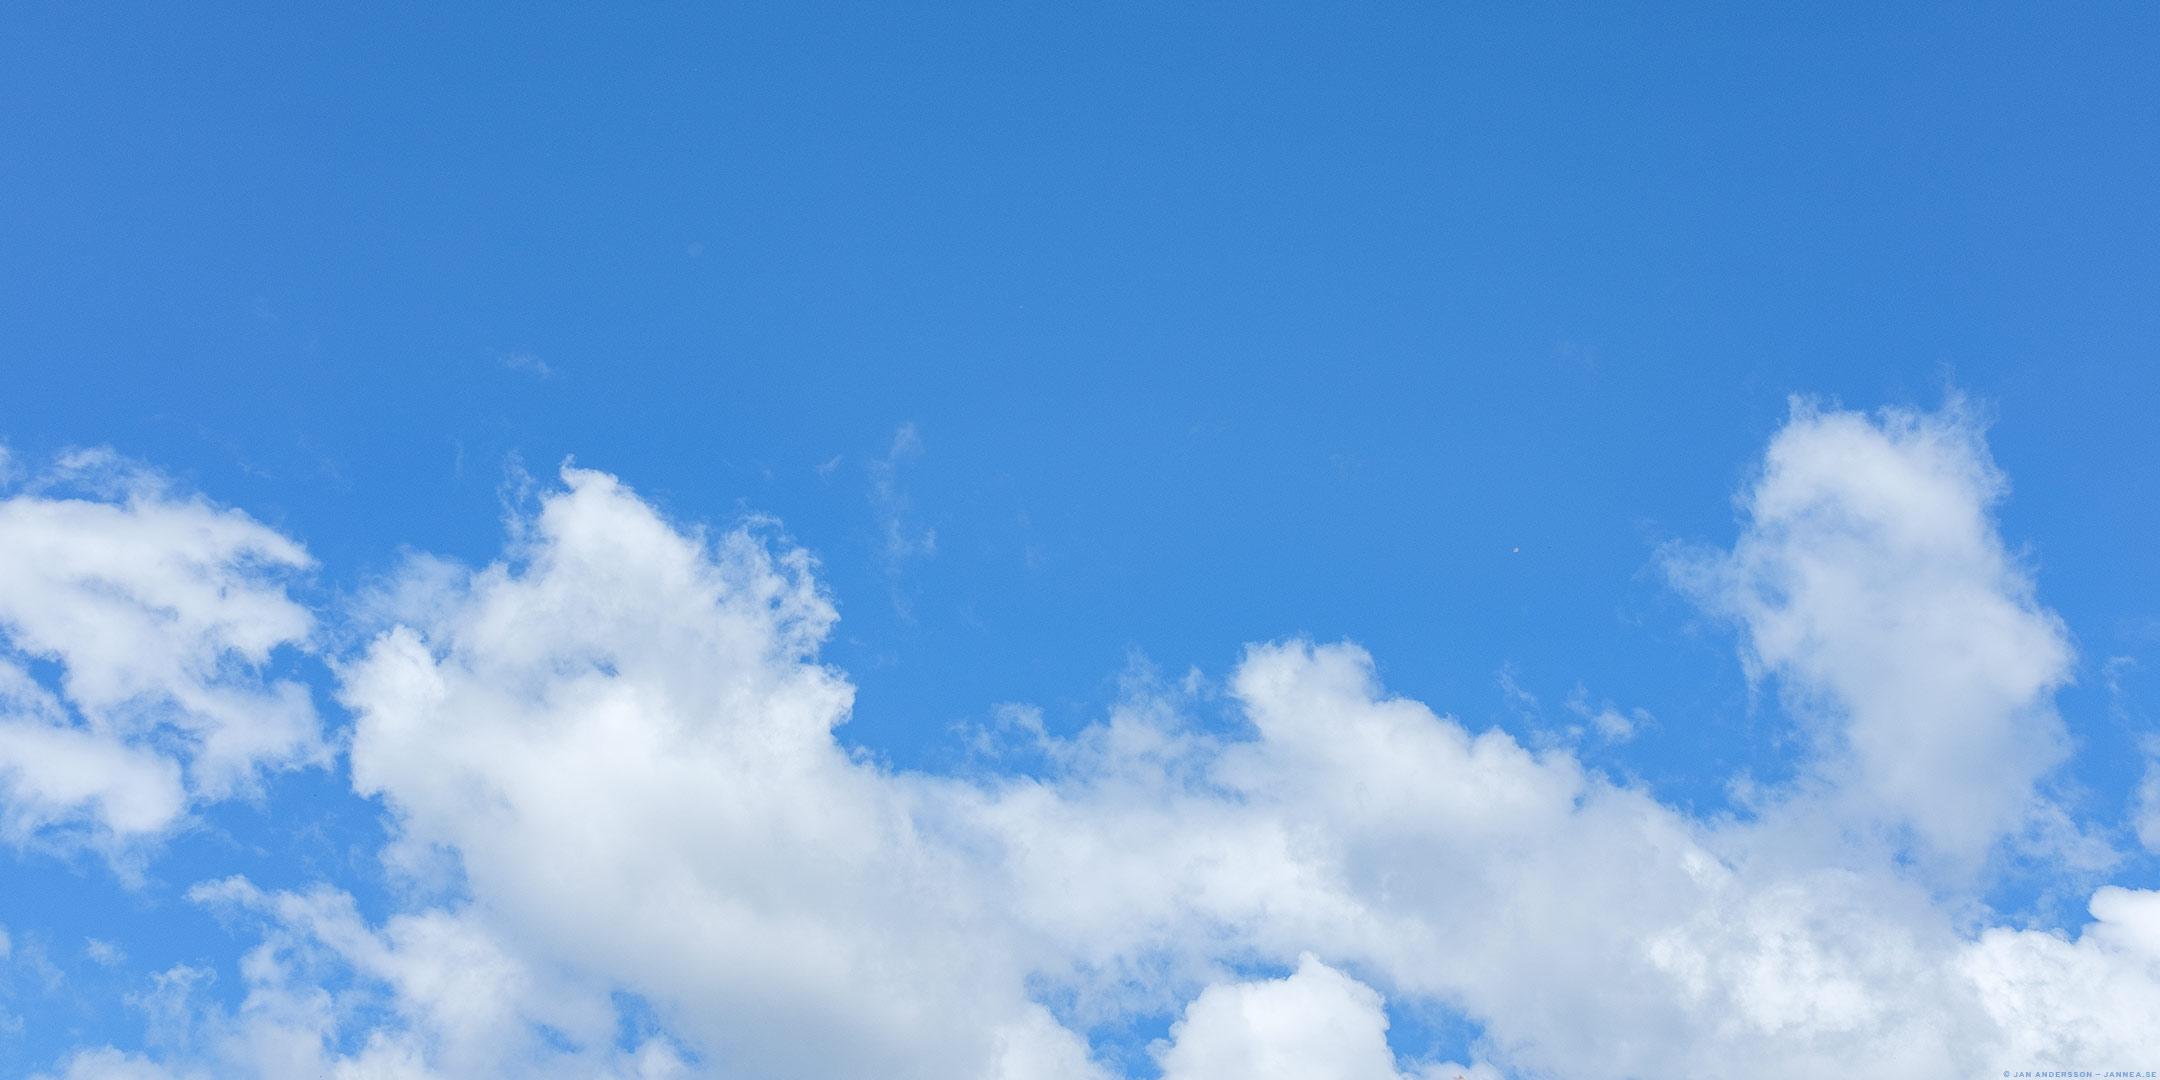 Bensträckare och frisk luft